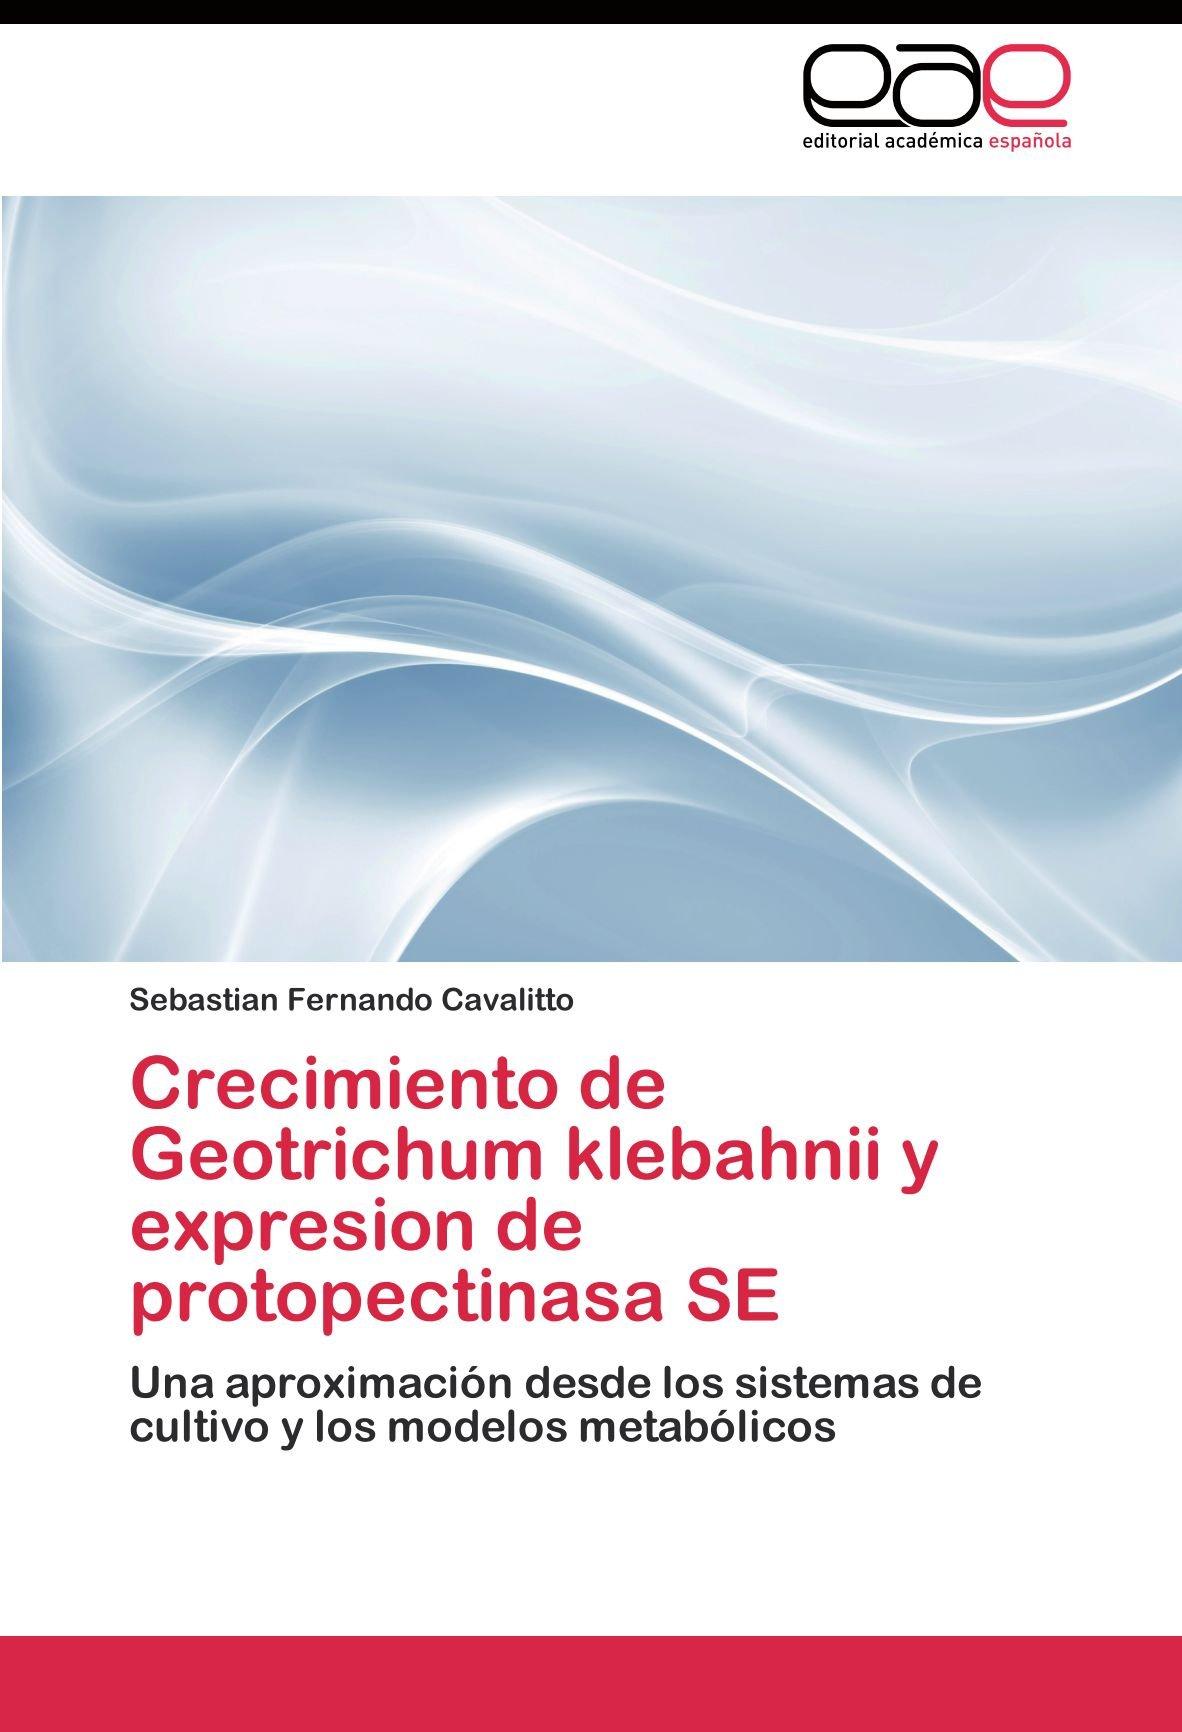 Crecimiento de Geotrichum klebahnii y expresion de protopectinasa SE ...